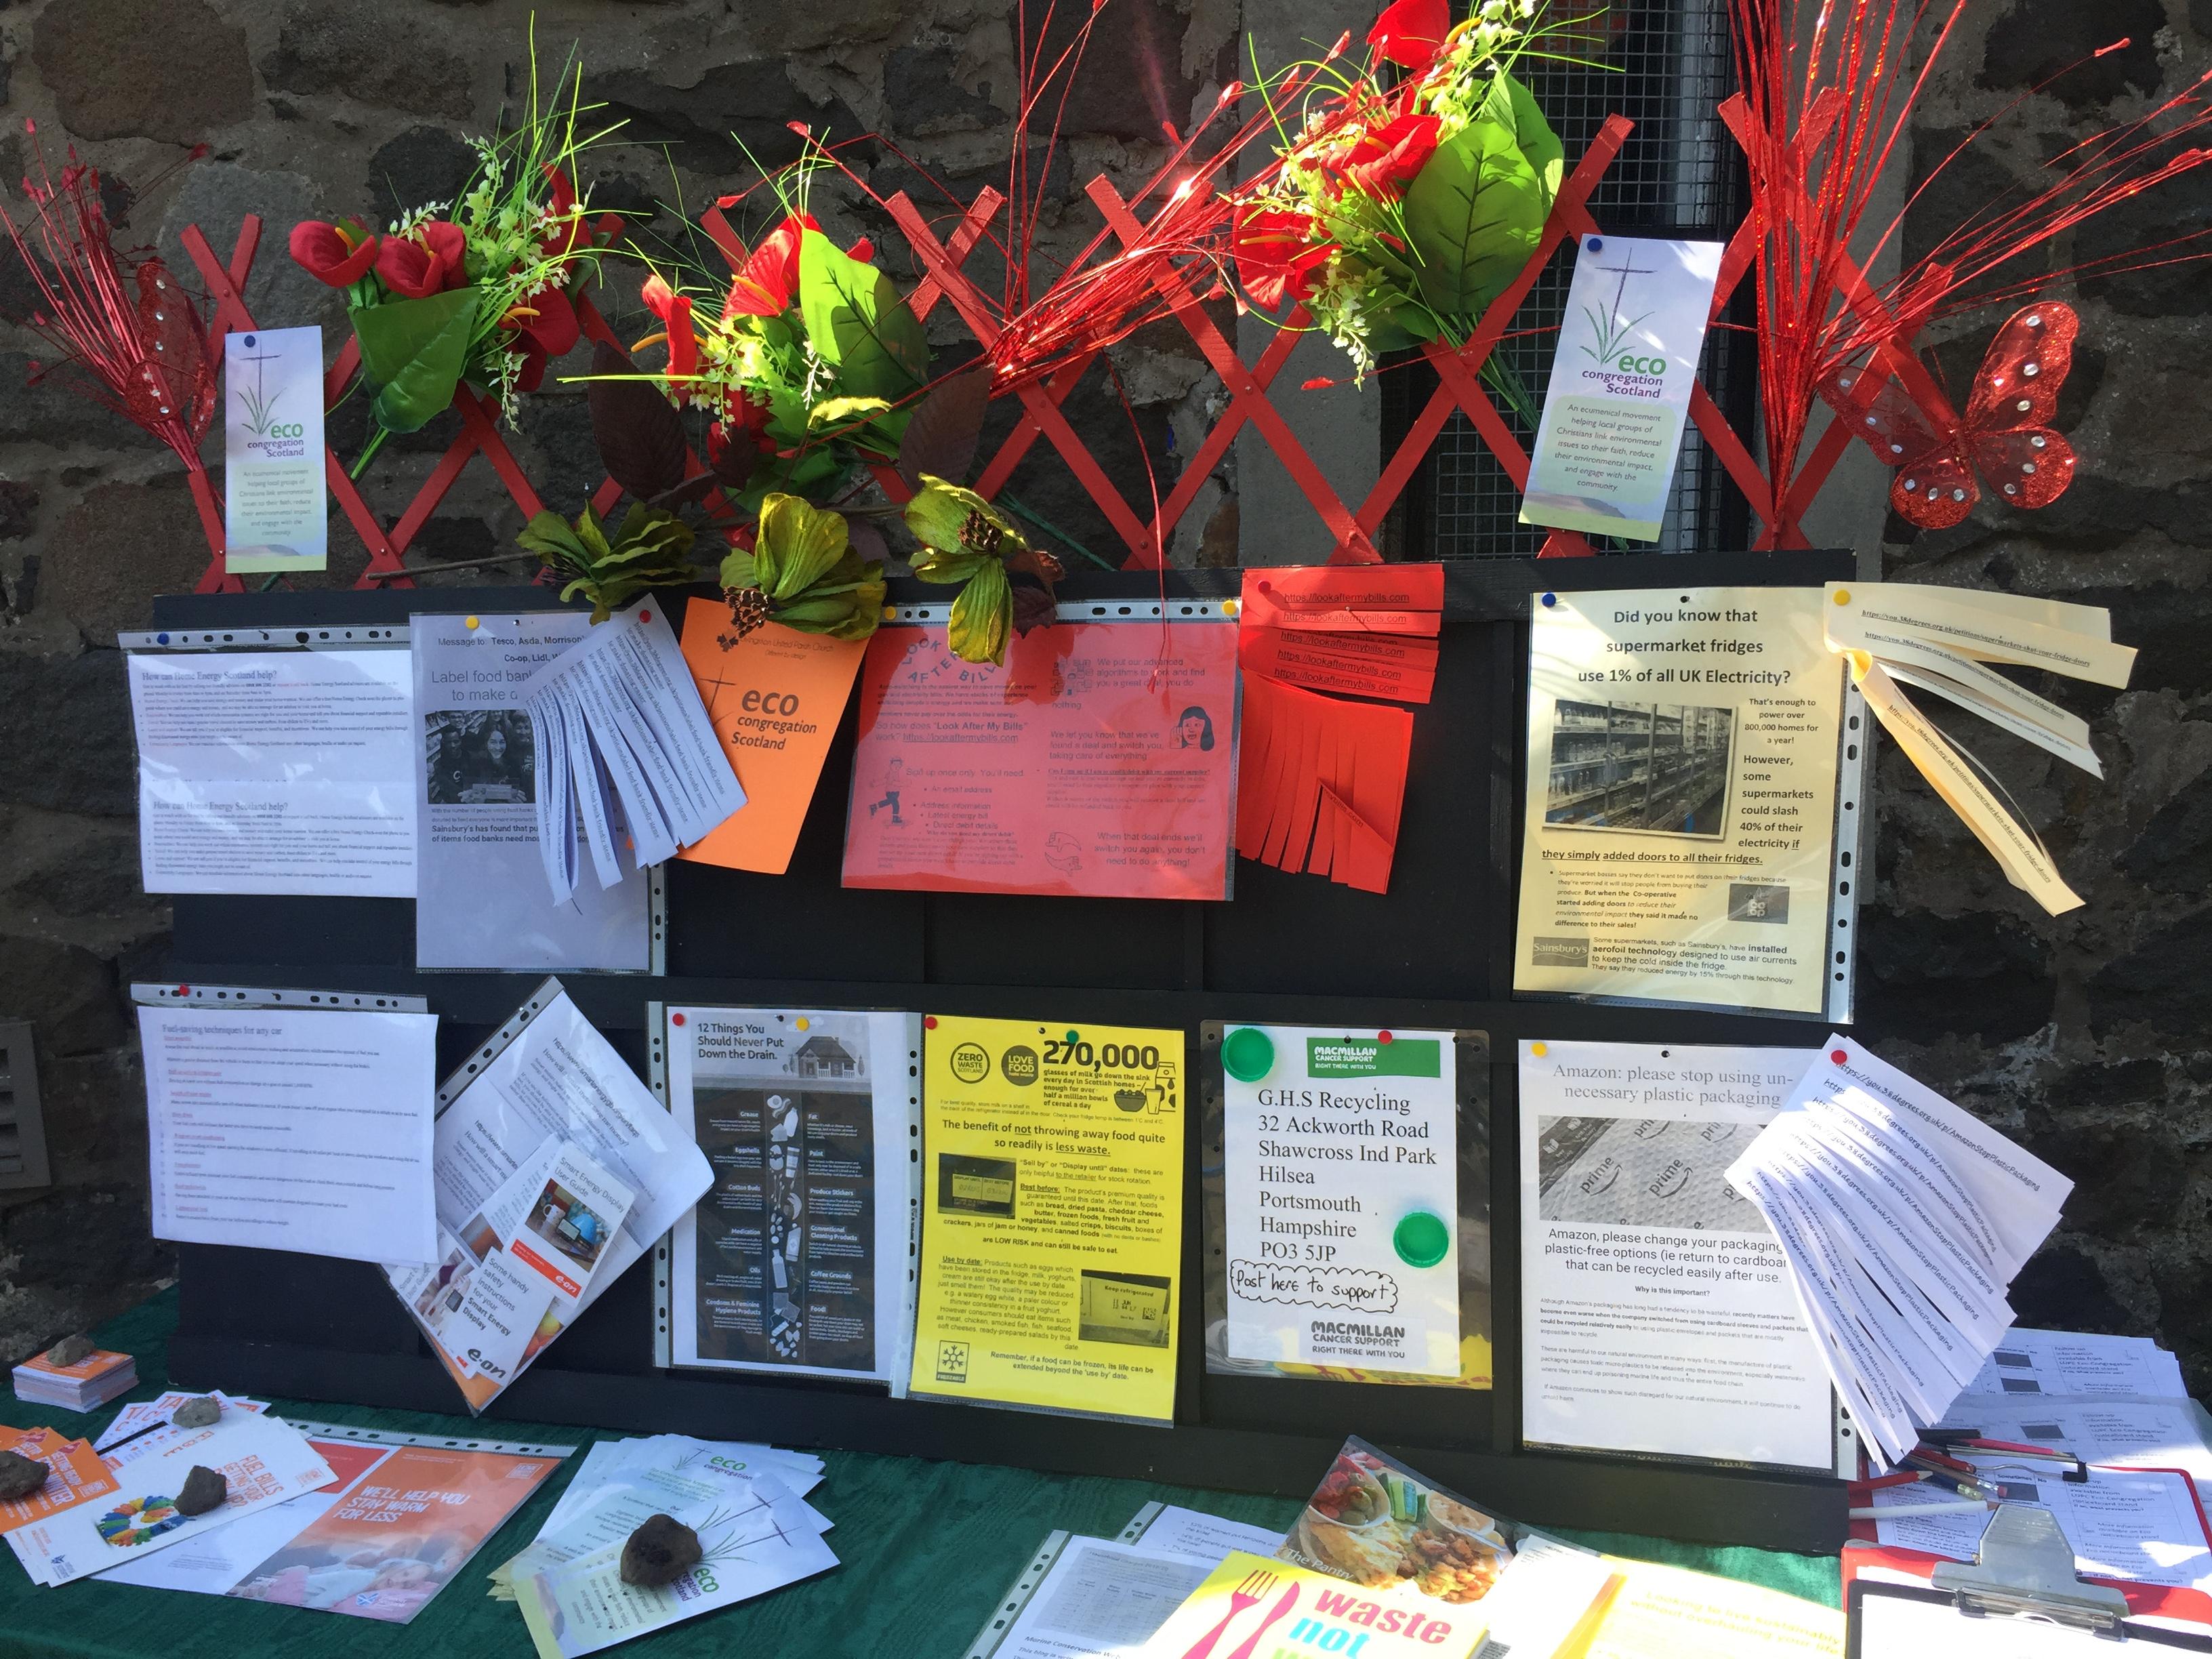 Eco Awareness Stand